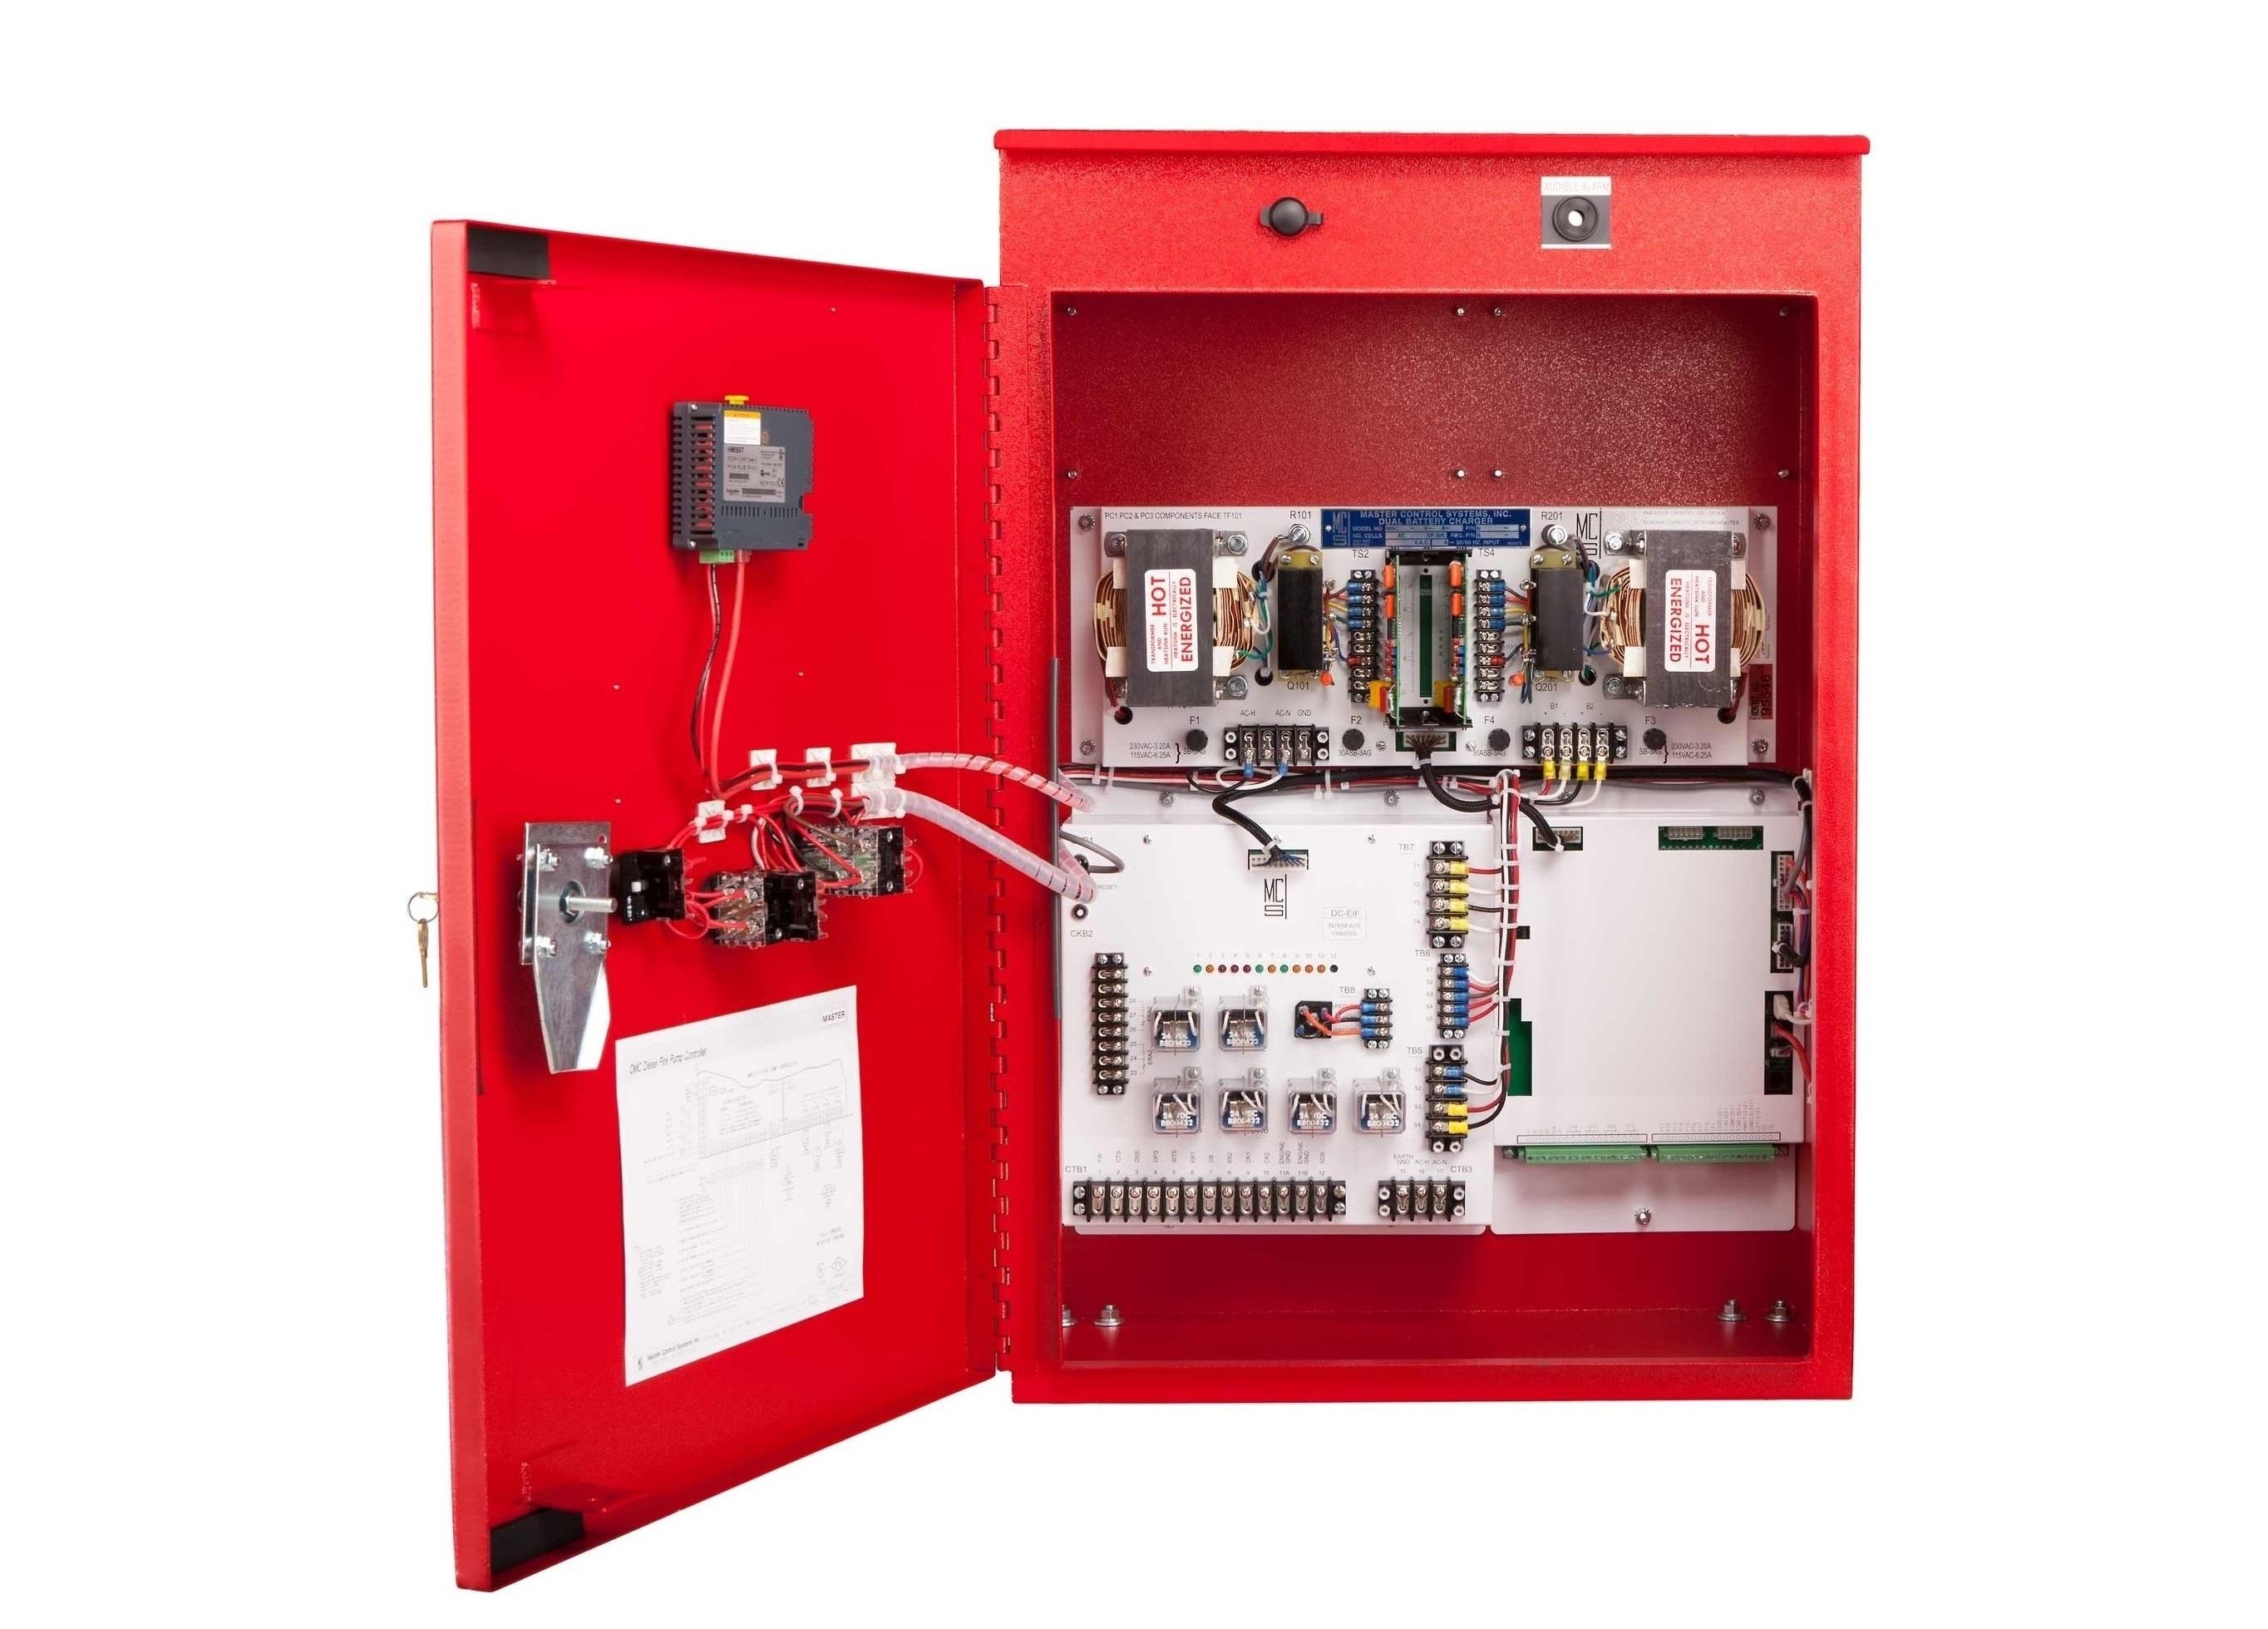 DMC Diesel Fire Pump Controller - Open Door